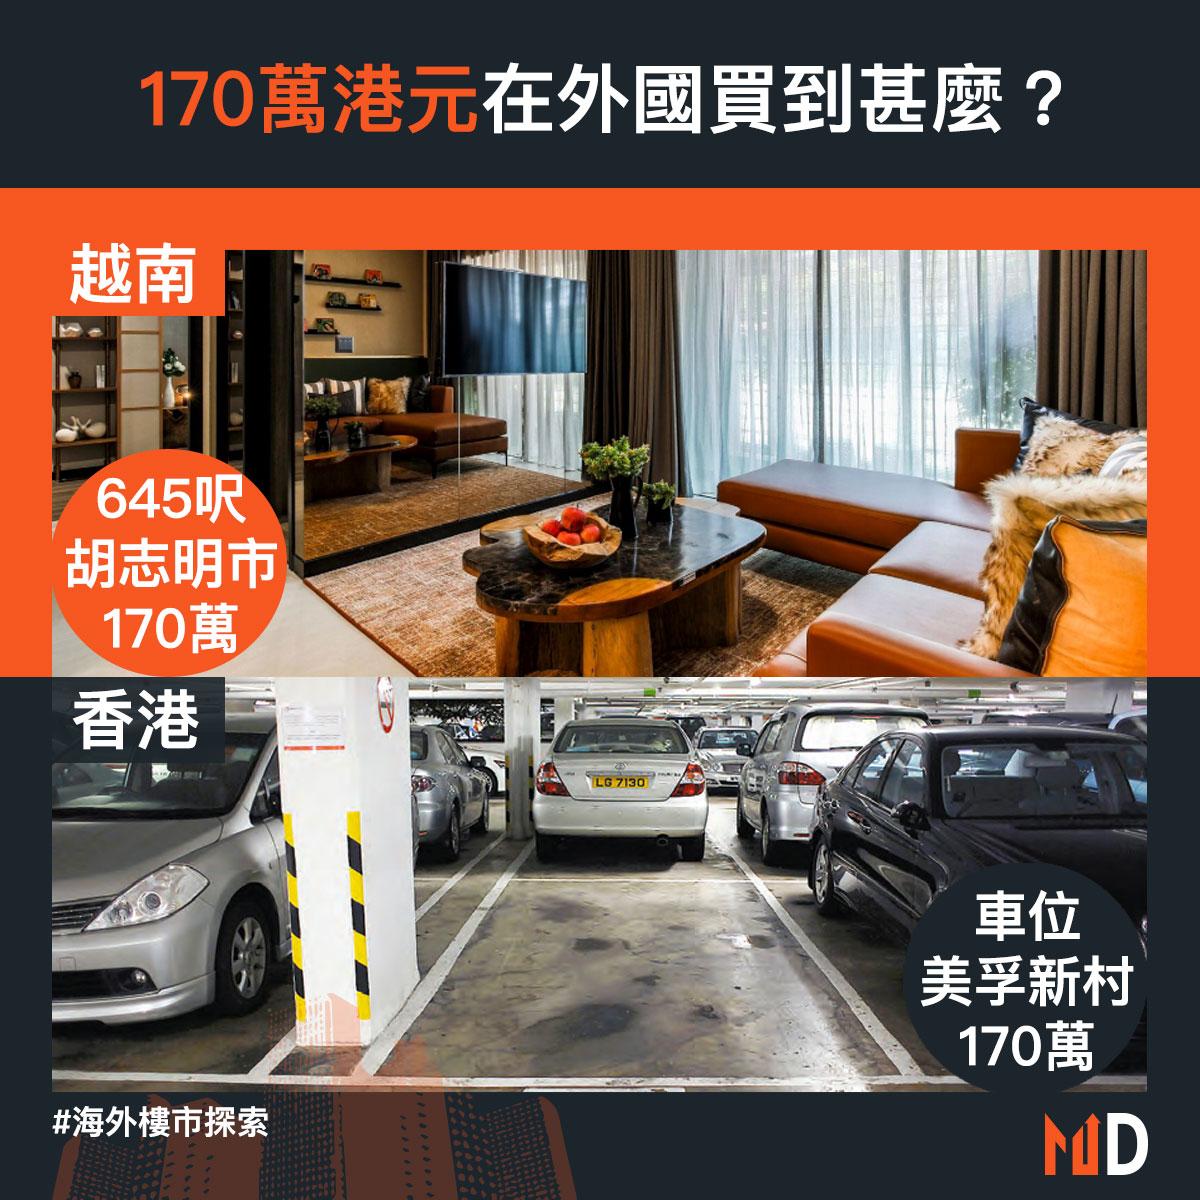 170萬港元在外國買到甚麼?